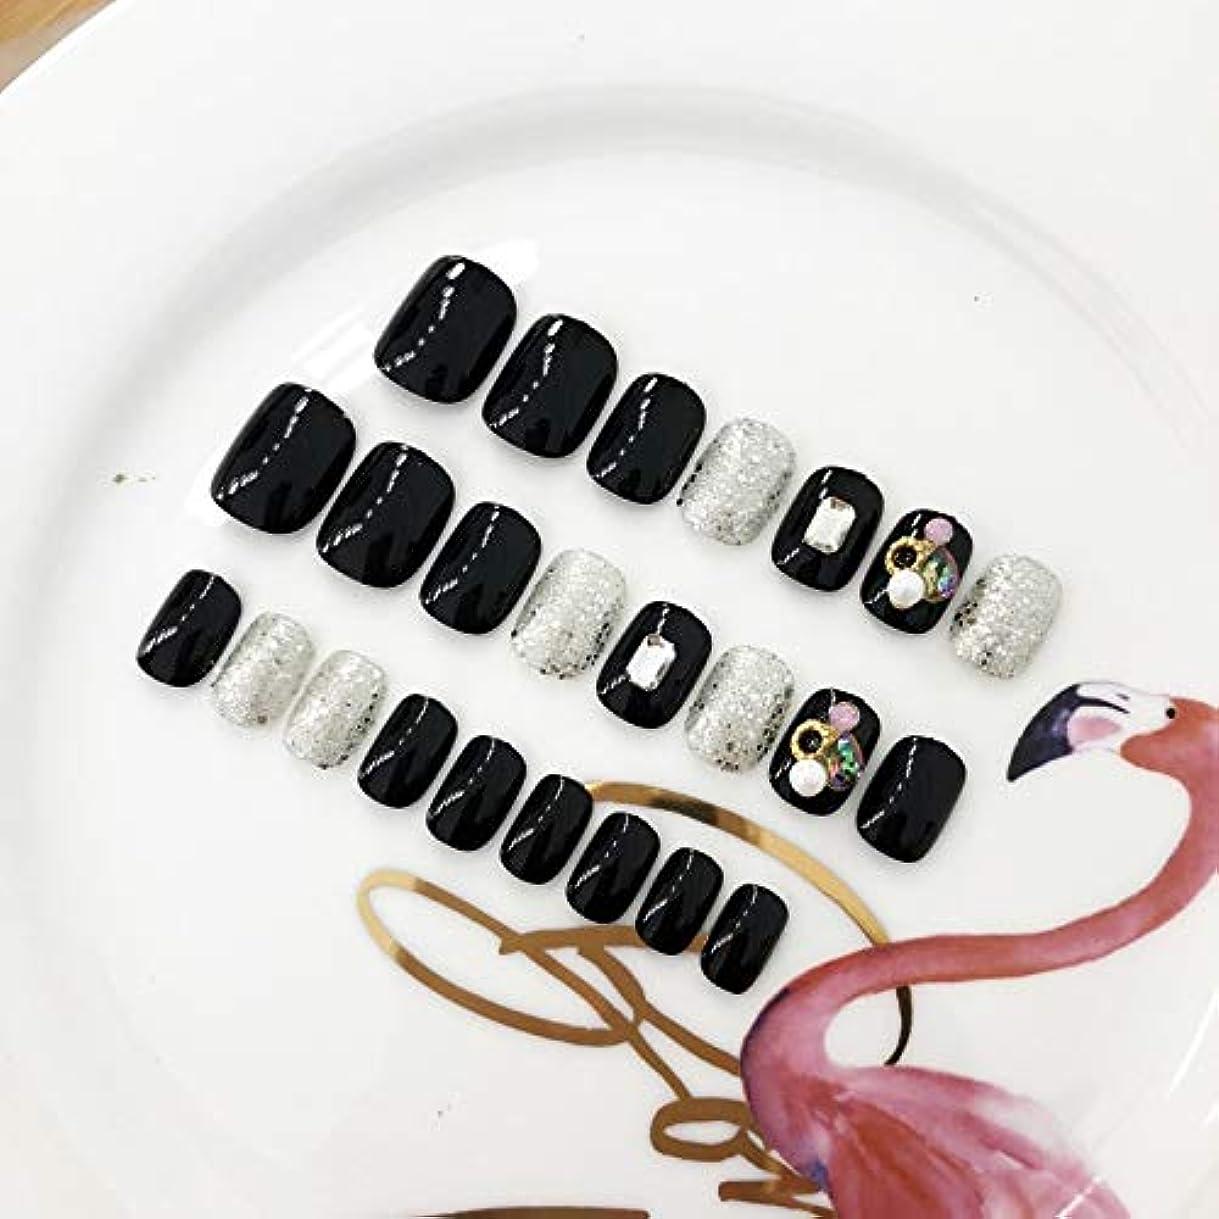 妨げるスリチンモイ何よりもAFAEF HOME 24個12サイズのブラックダイヤモンドネイルパッチ付き偽爪ロングフルカバーネイルチップ(黒)